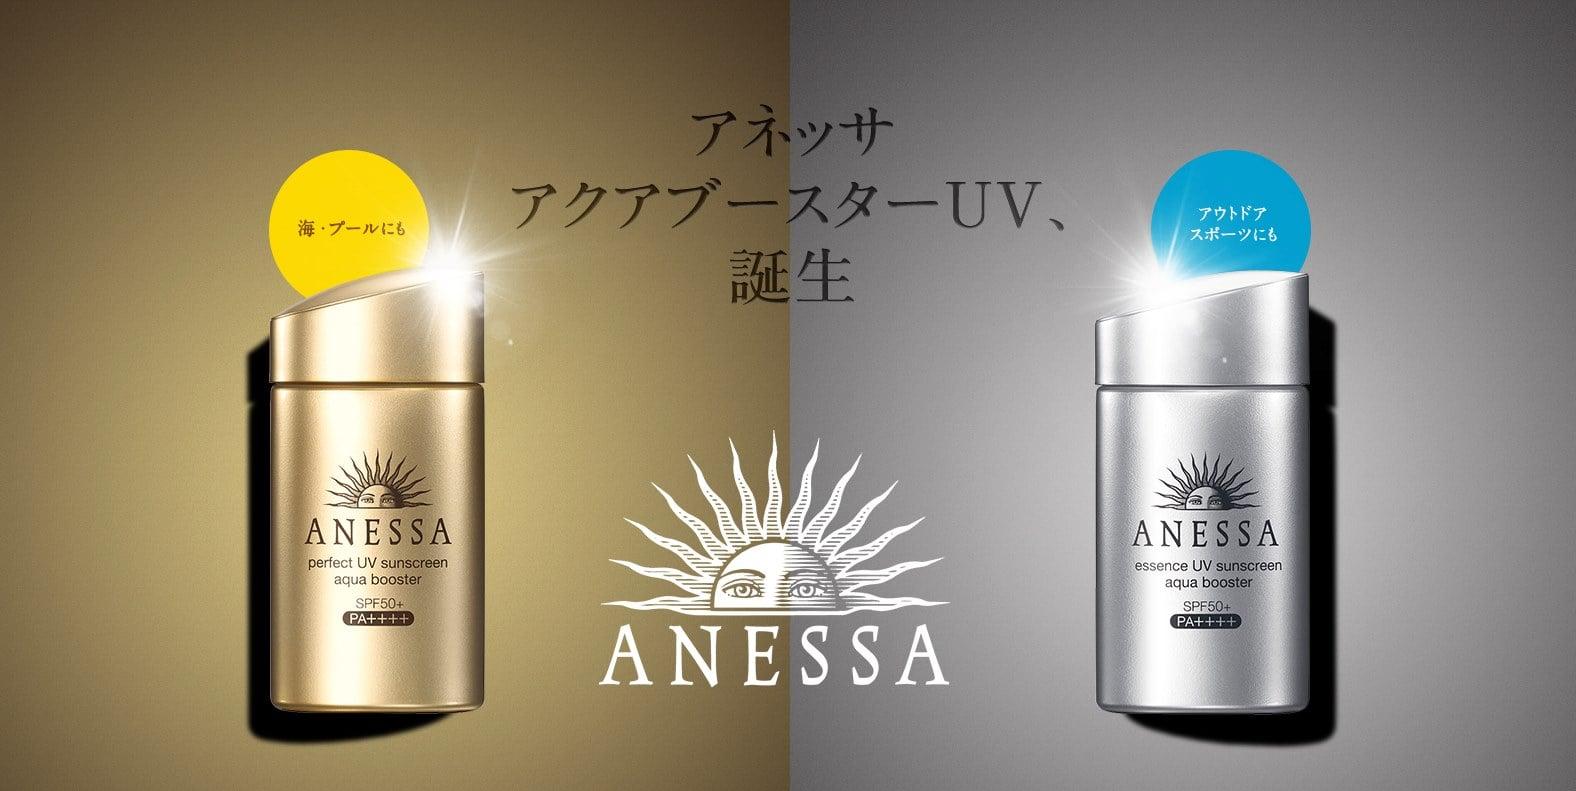 Kem chống nắng Anessa Shiseido màu bạc Nhật Bản Sản phẩm chống nắng dưỡng da hoàn hảo